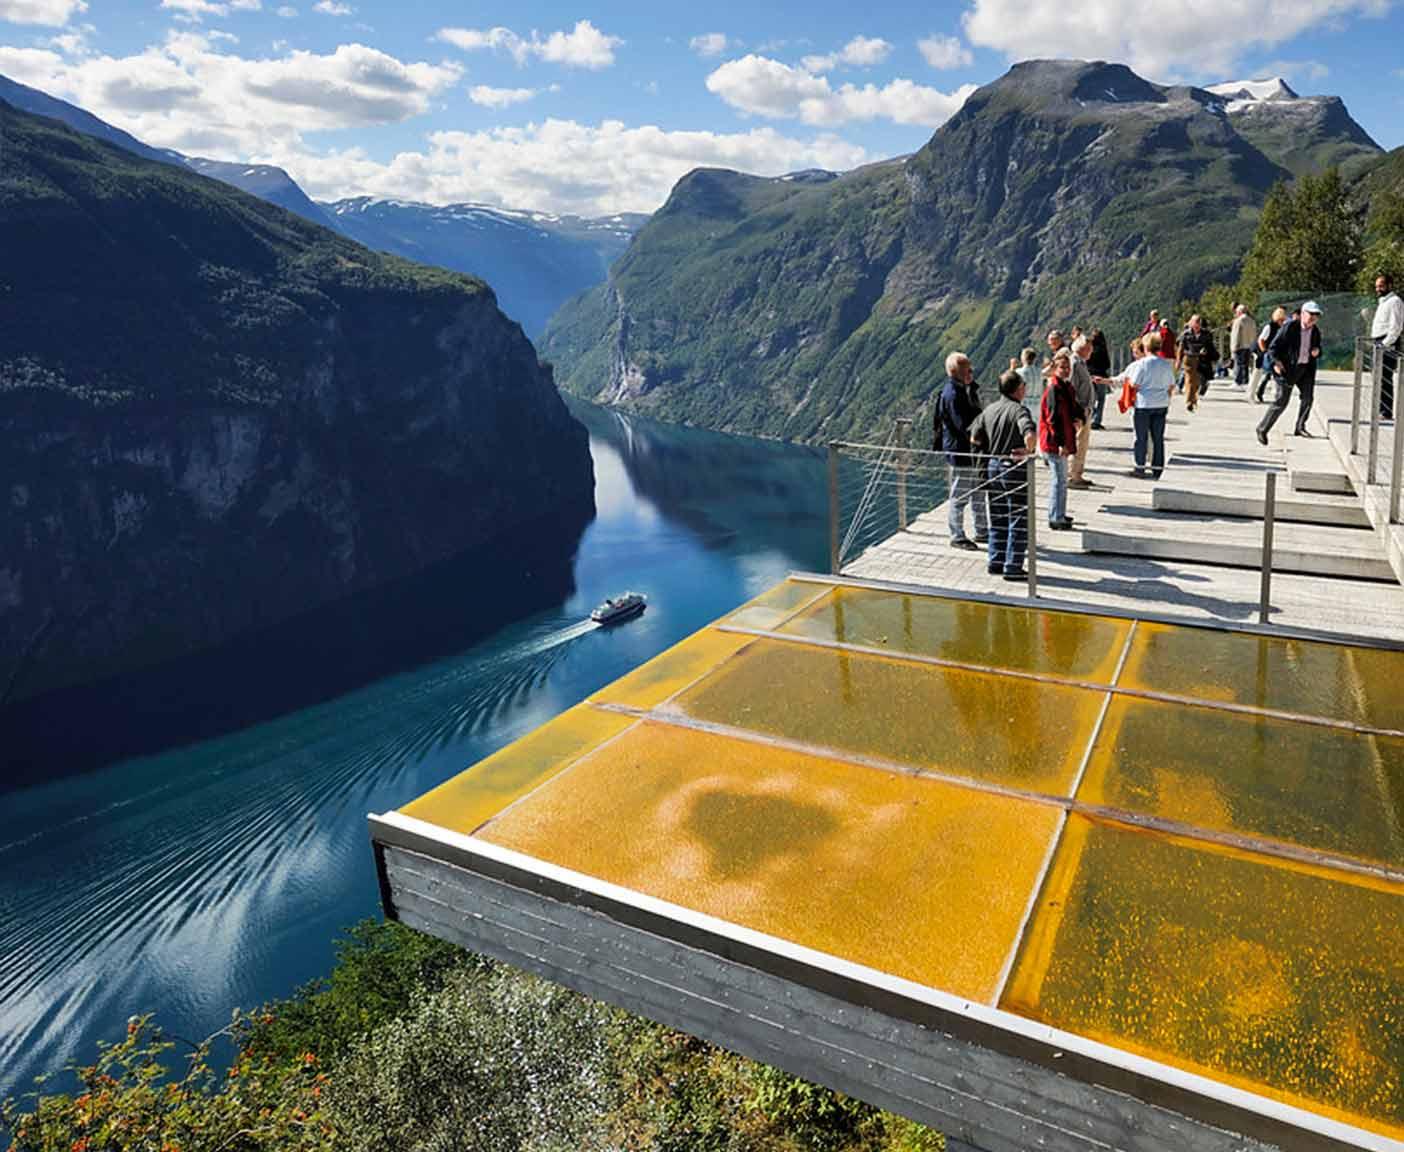 Aussichtsplattform Stegastein in Norwegen am Geirangerfjord Menschen auf einer Plattform Kreuzfahrtschiff auf dem Fjord und Berge im Hintergrund